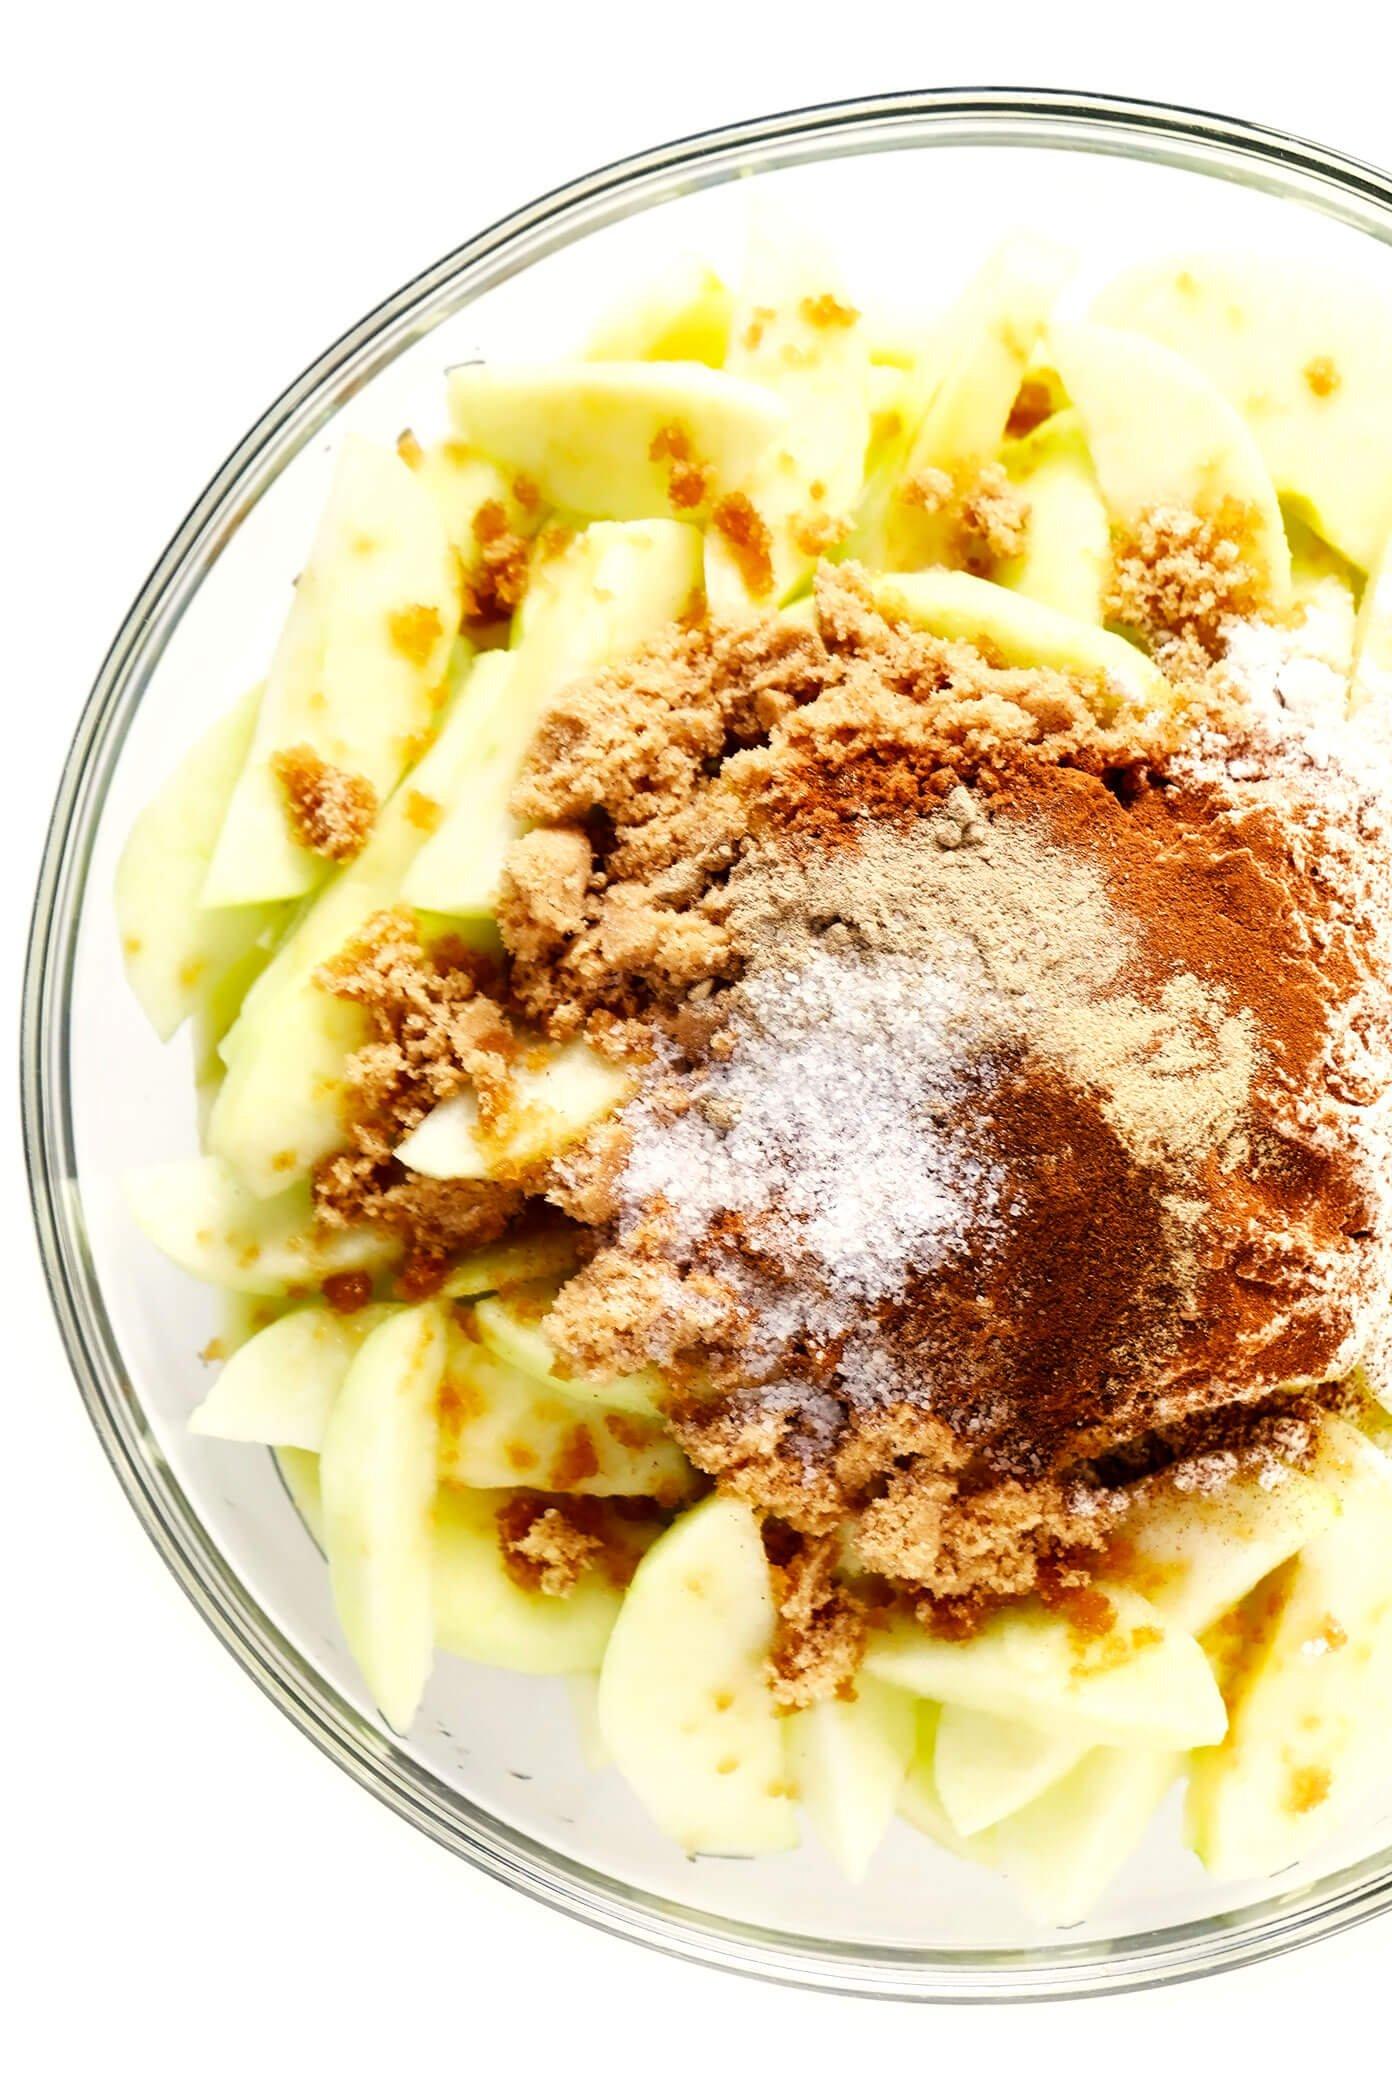 Apple Pie Filling Ingredients In Bowl